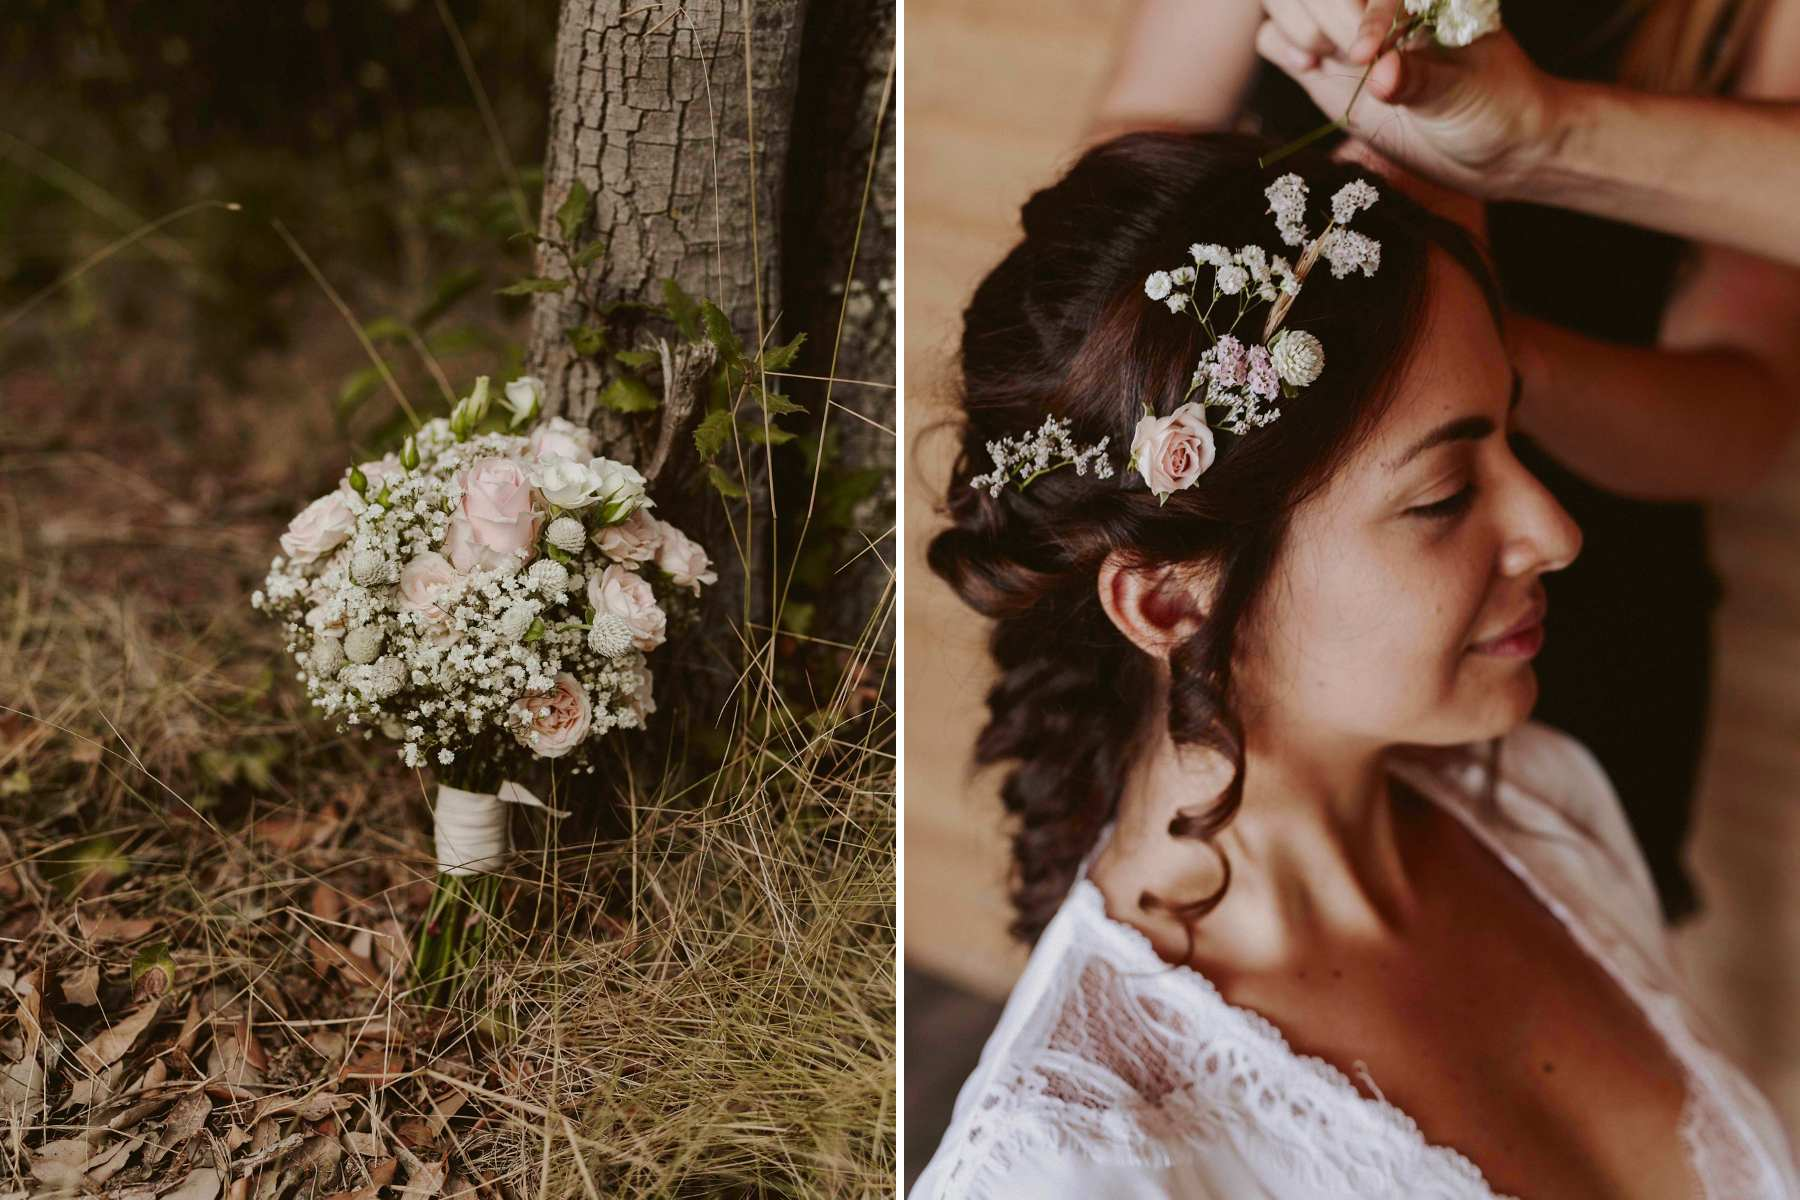 Fotografo+de+bodas+barcelona+girona+cala llevado+beach wedding_033